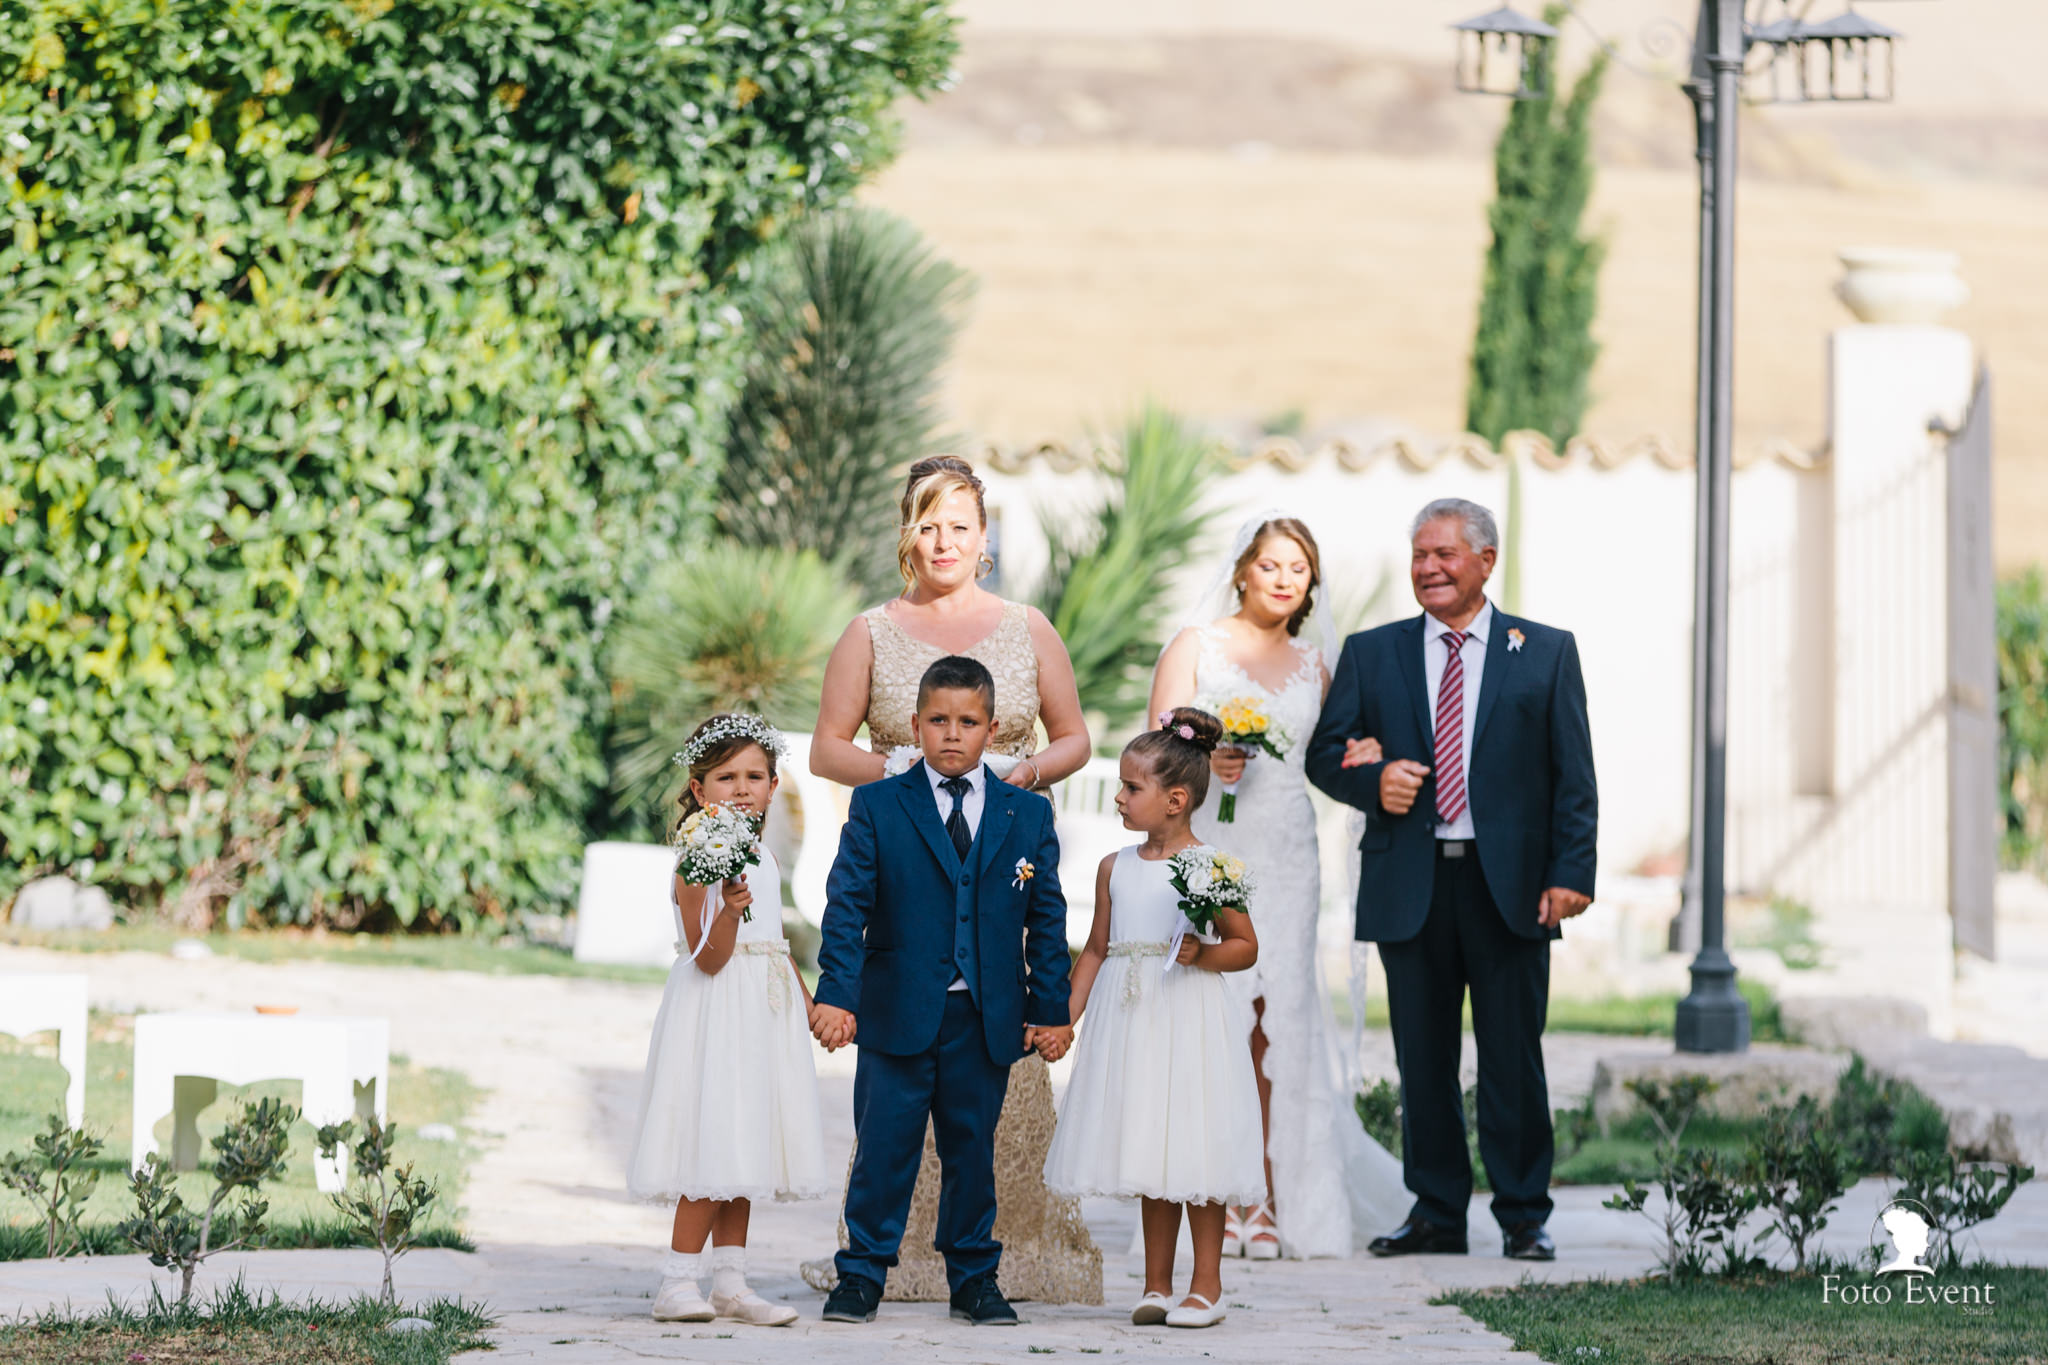 022-2019-06-12-Matrimonio-Rosa-e-Angelo-Ripellino-zoom-032